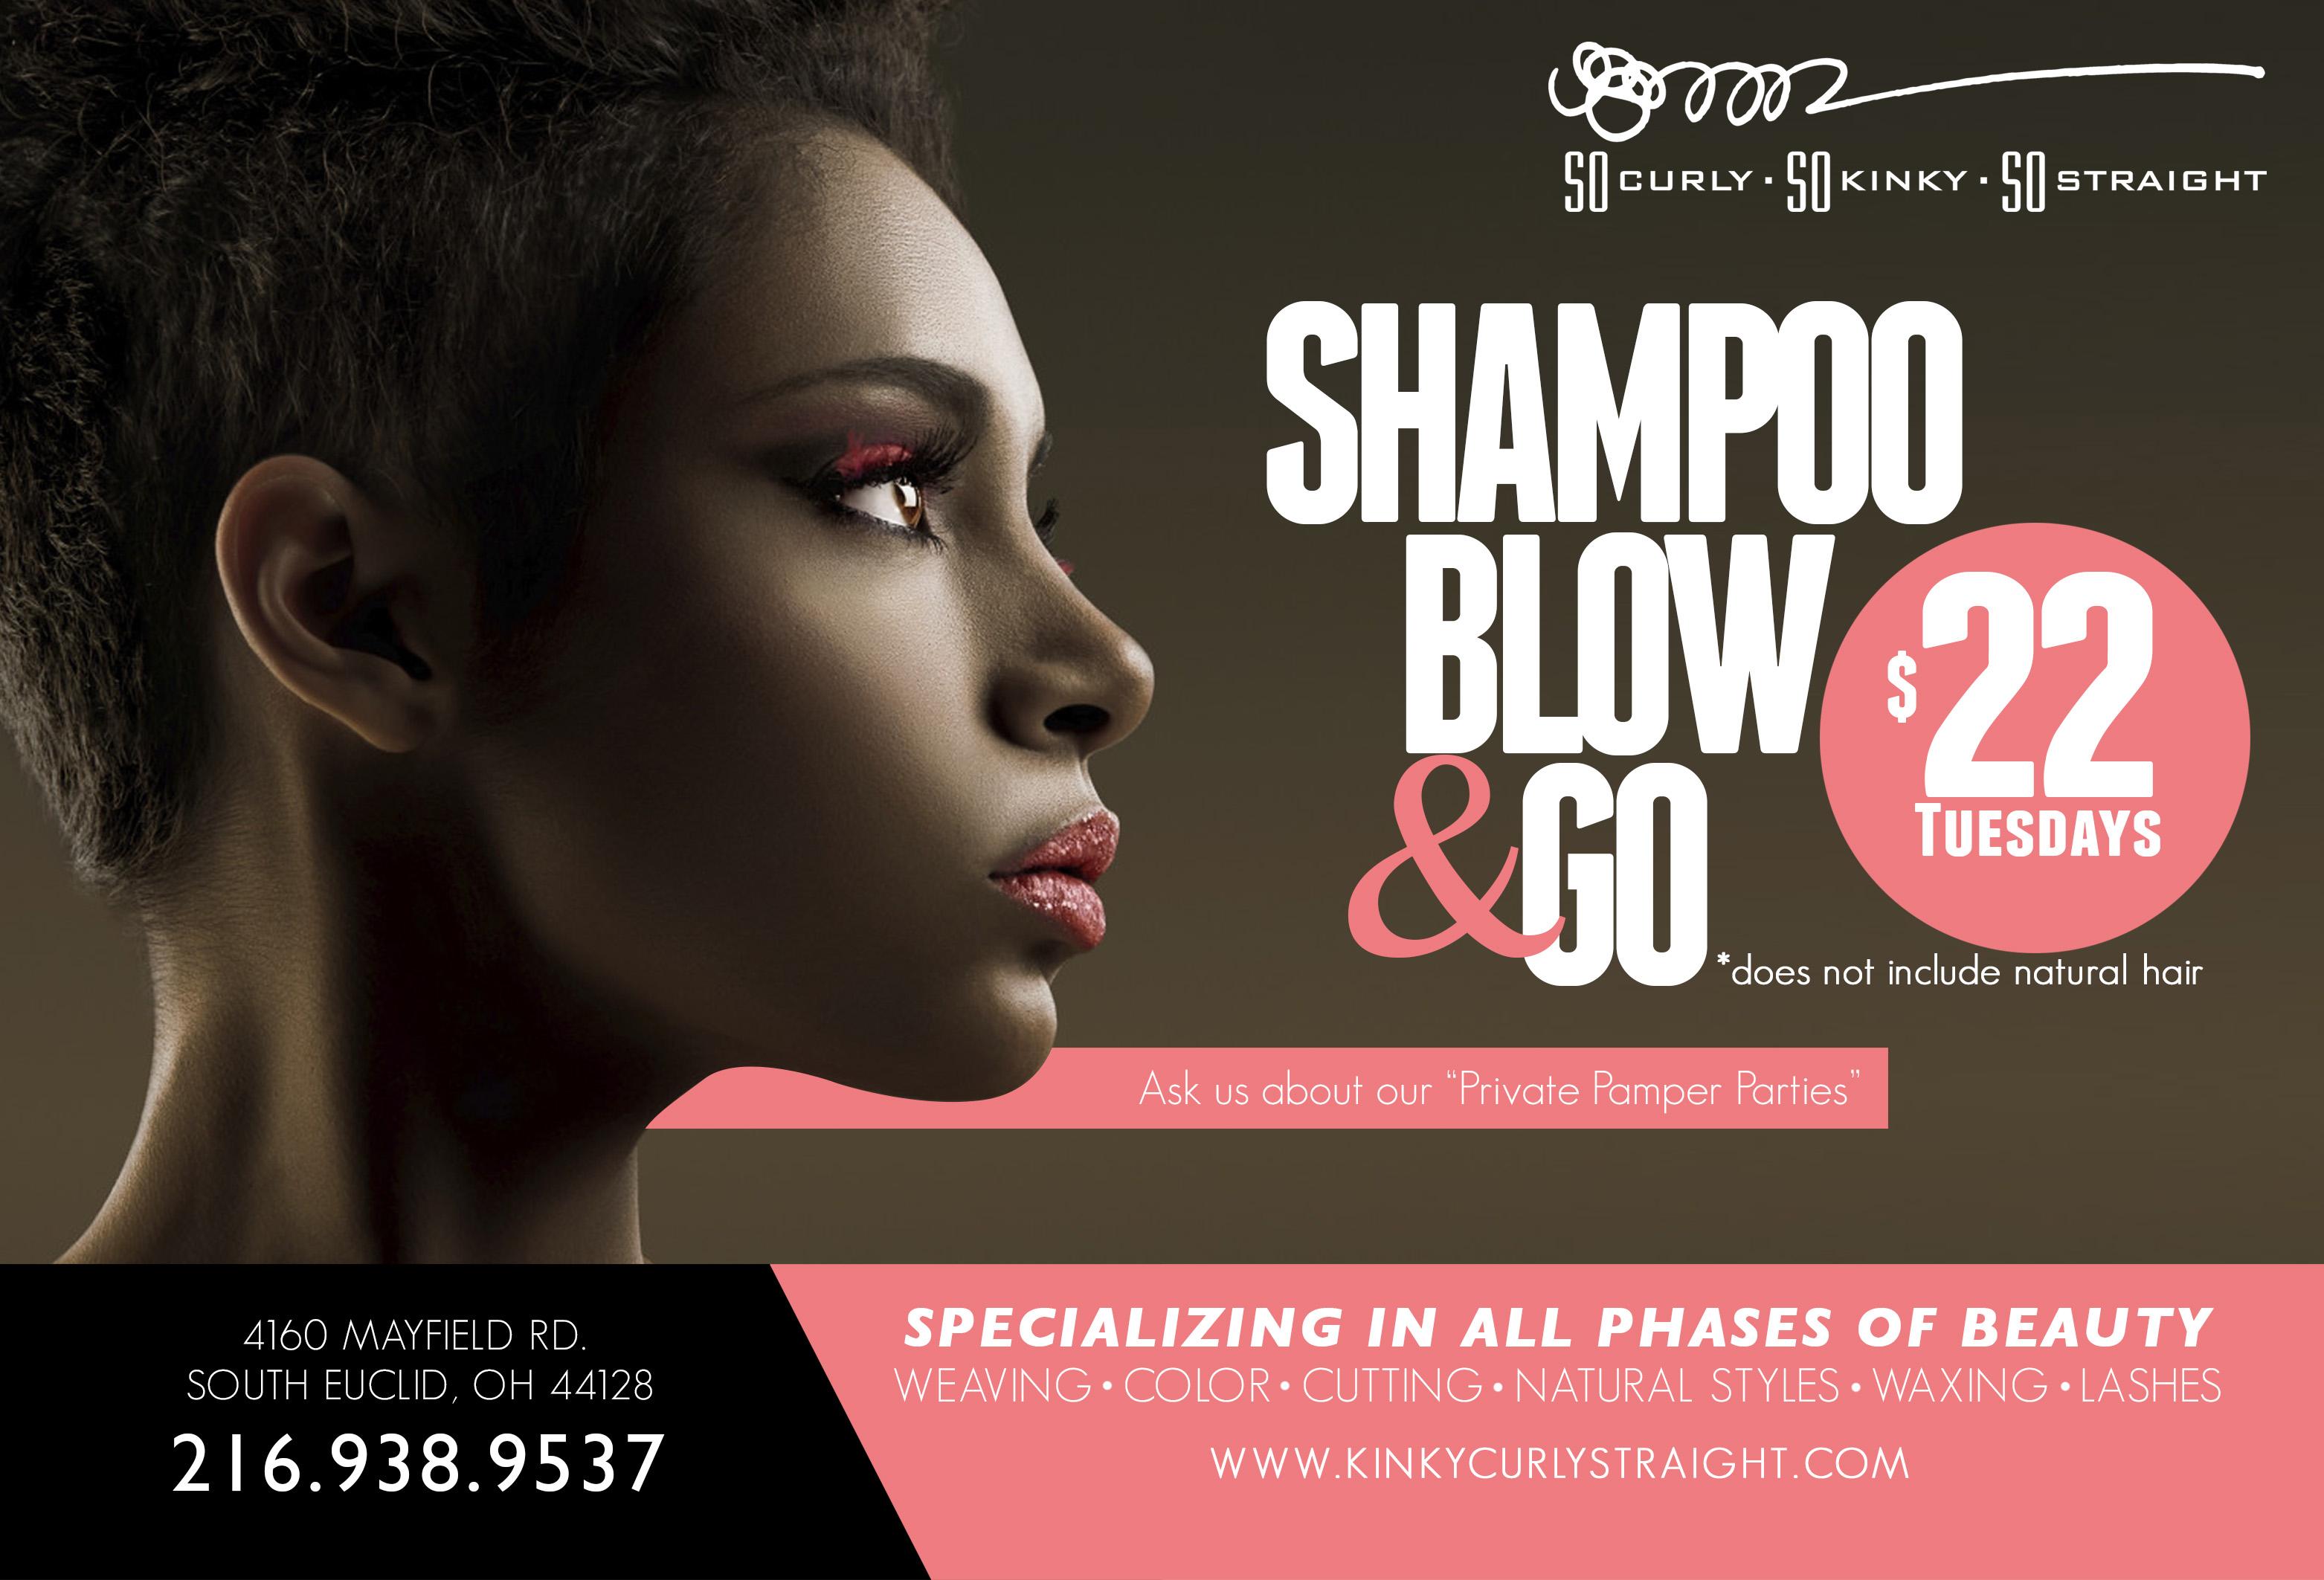 Tuesday Salon Specials Shampoo Blow Go So Curly So Kinky So